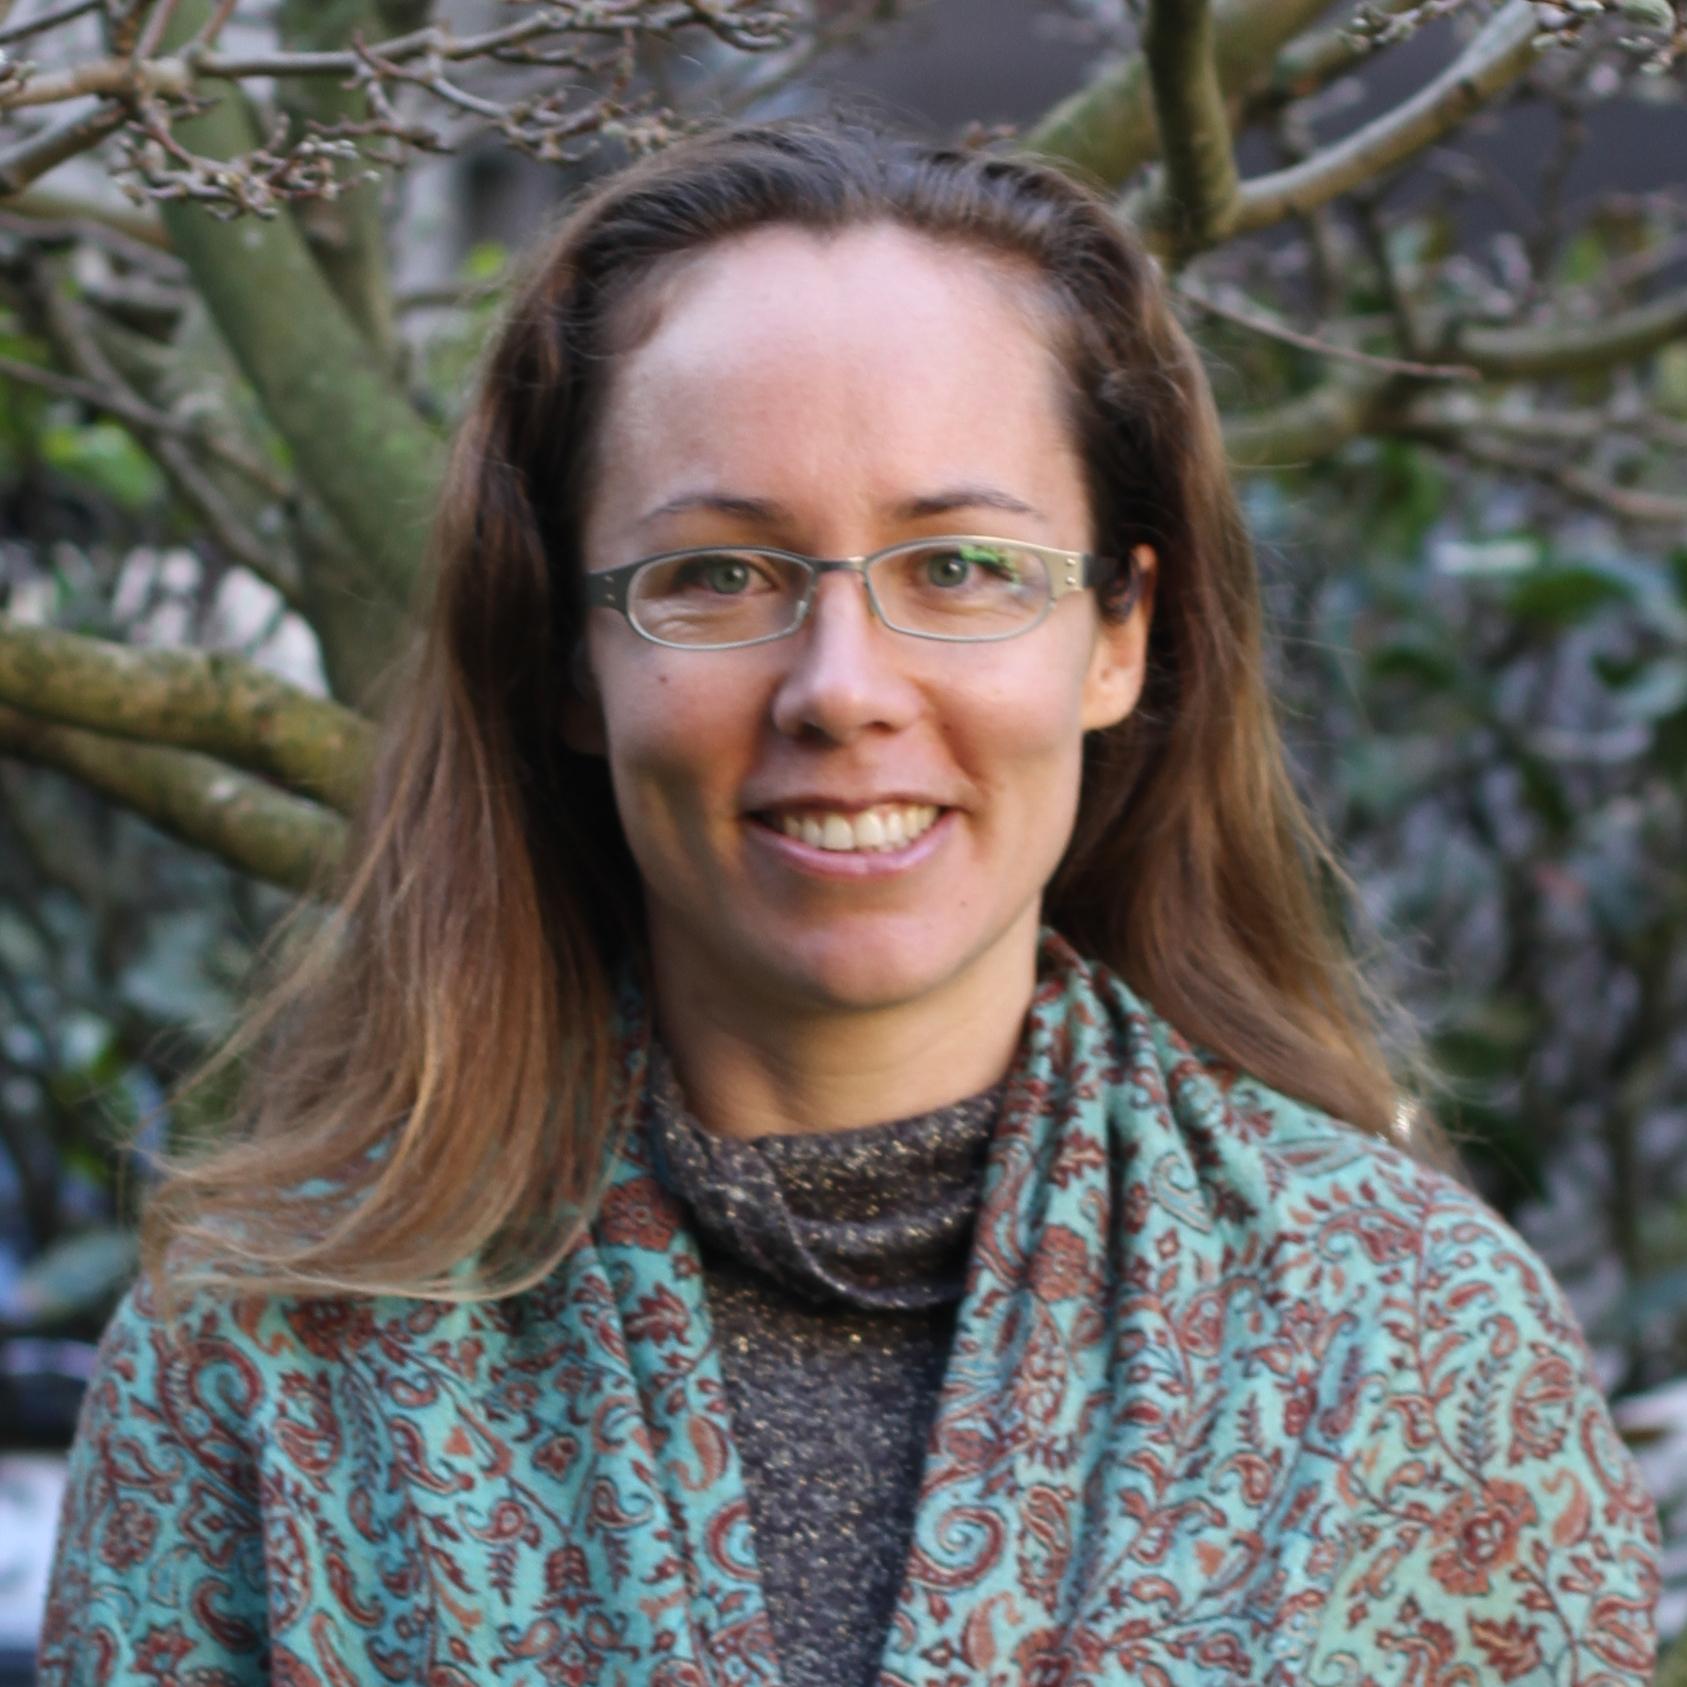 Amanda Leathers